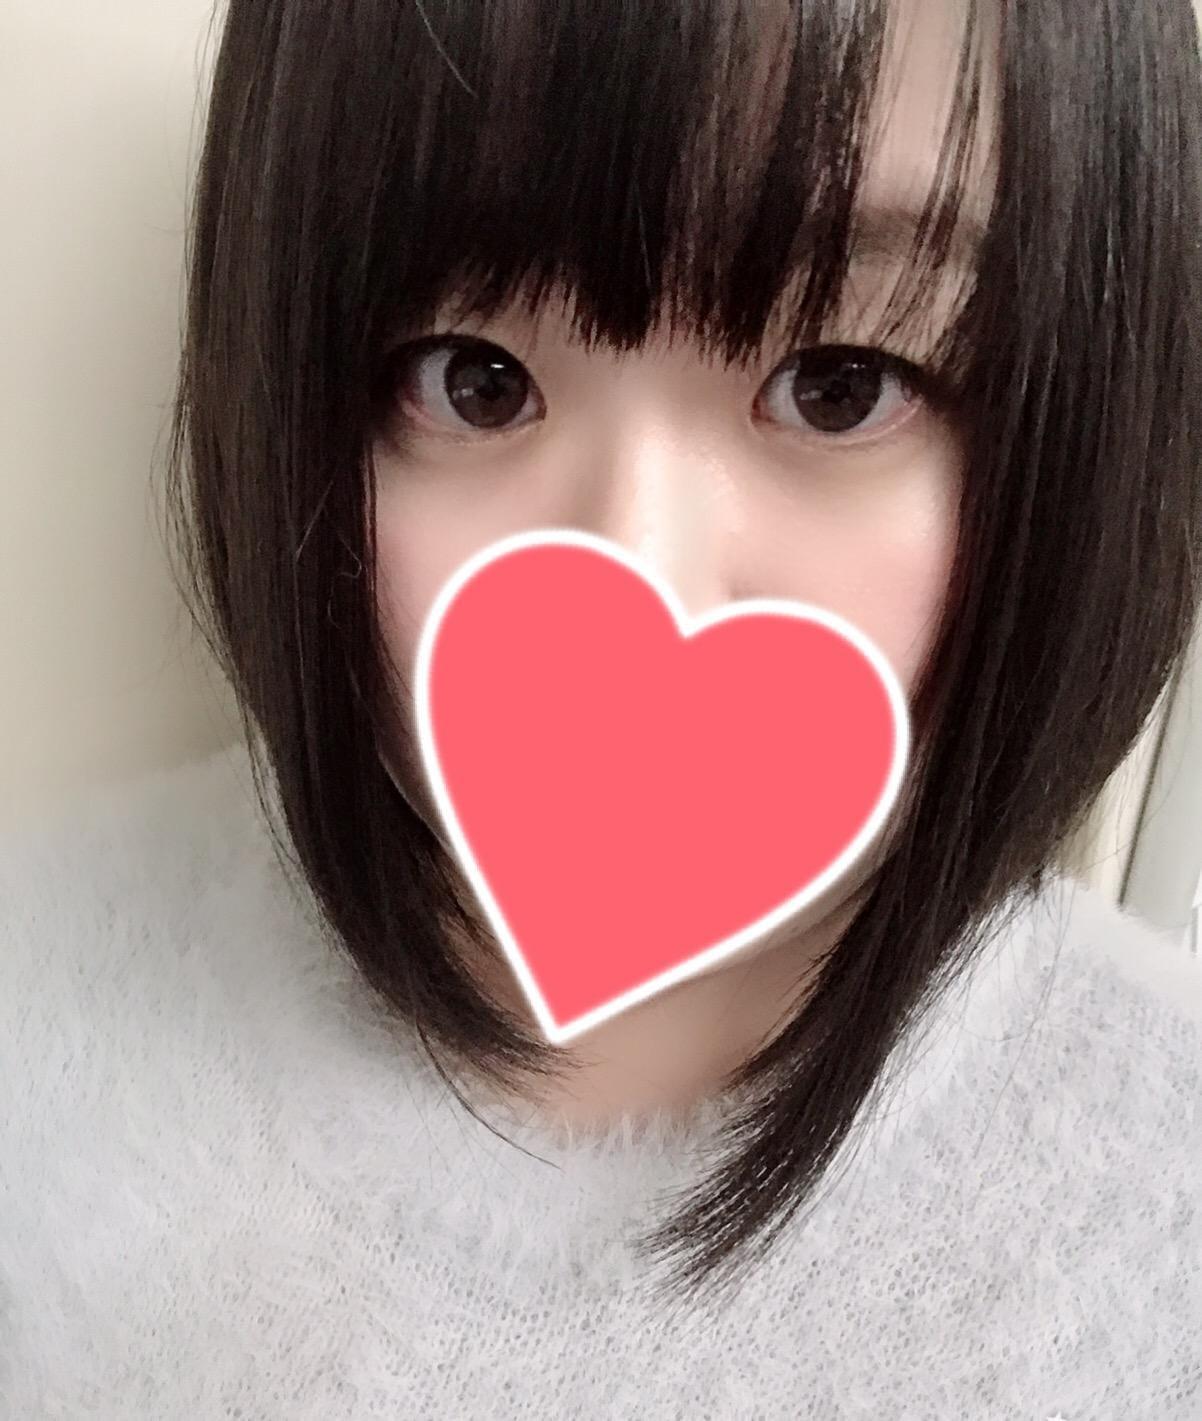 「しゅっきん〜!」12/13(12/13) 12:24 | はにぃちゃんの写メ・風俗動画